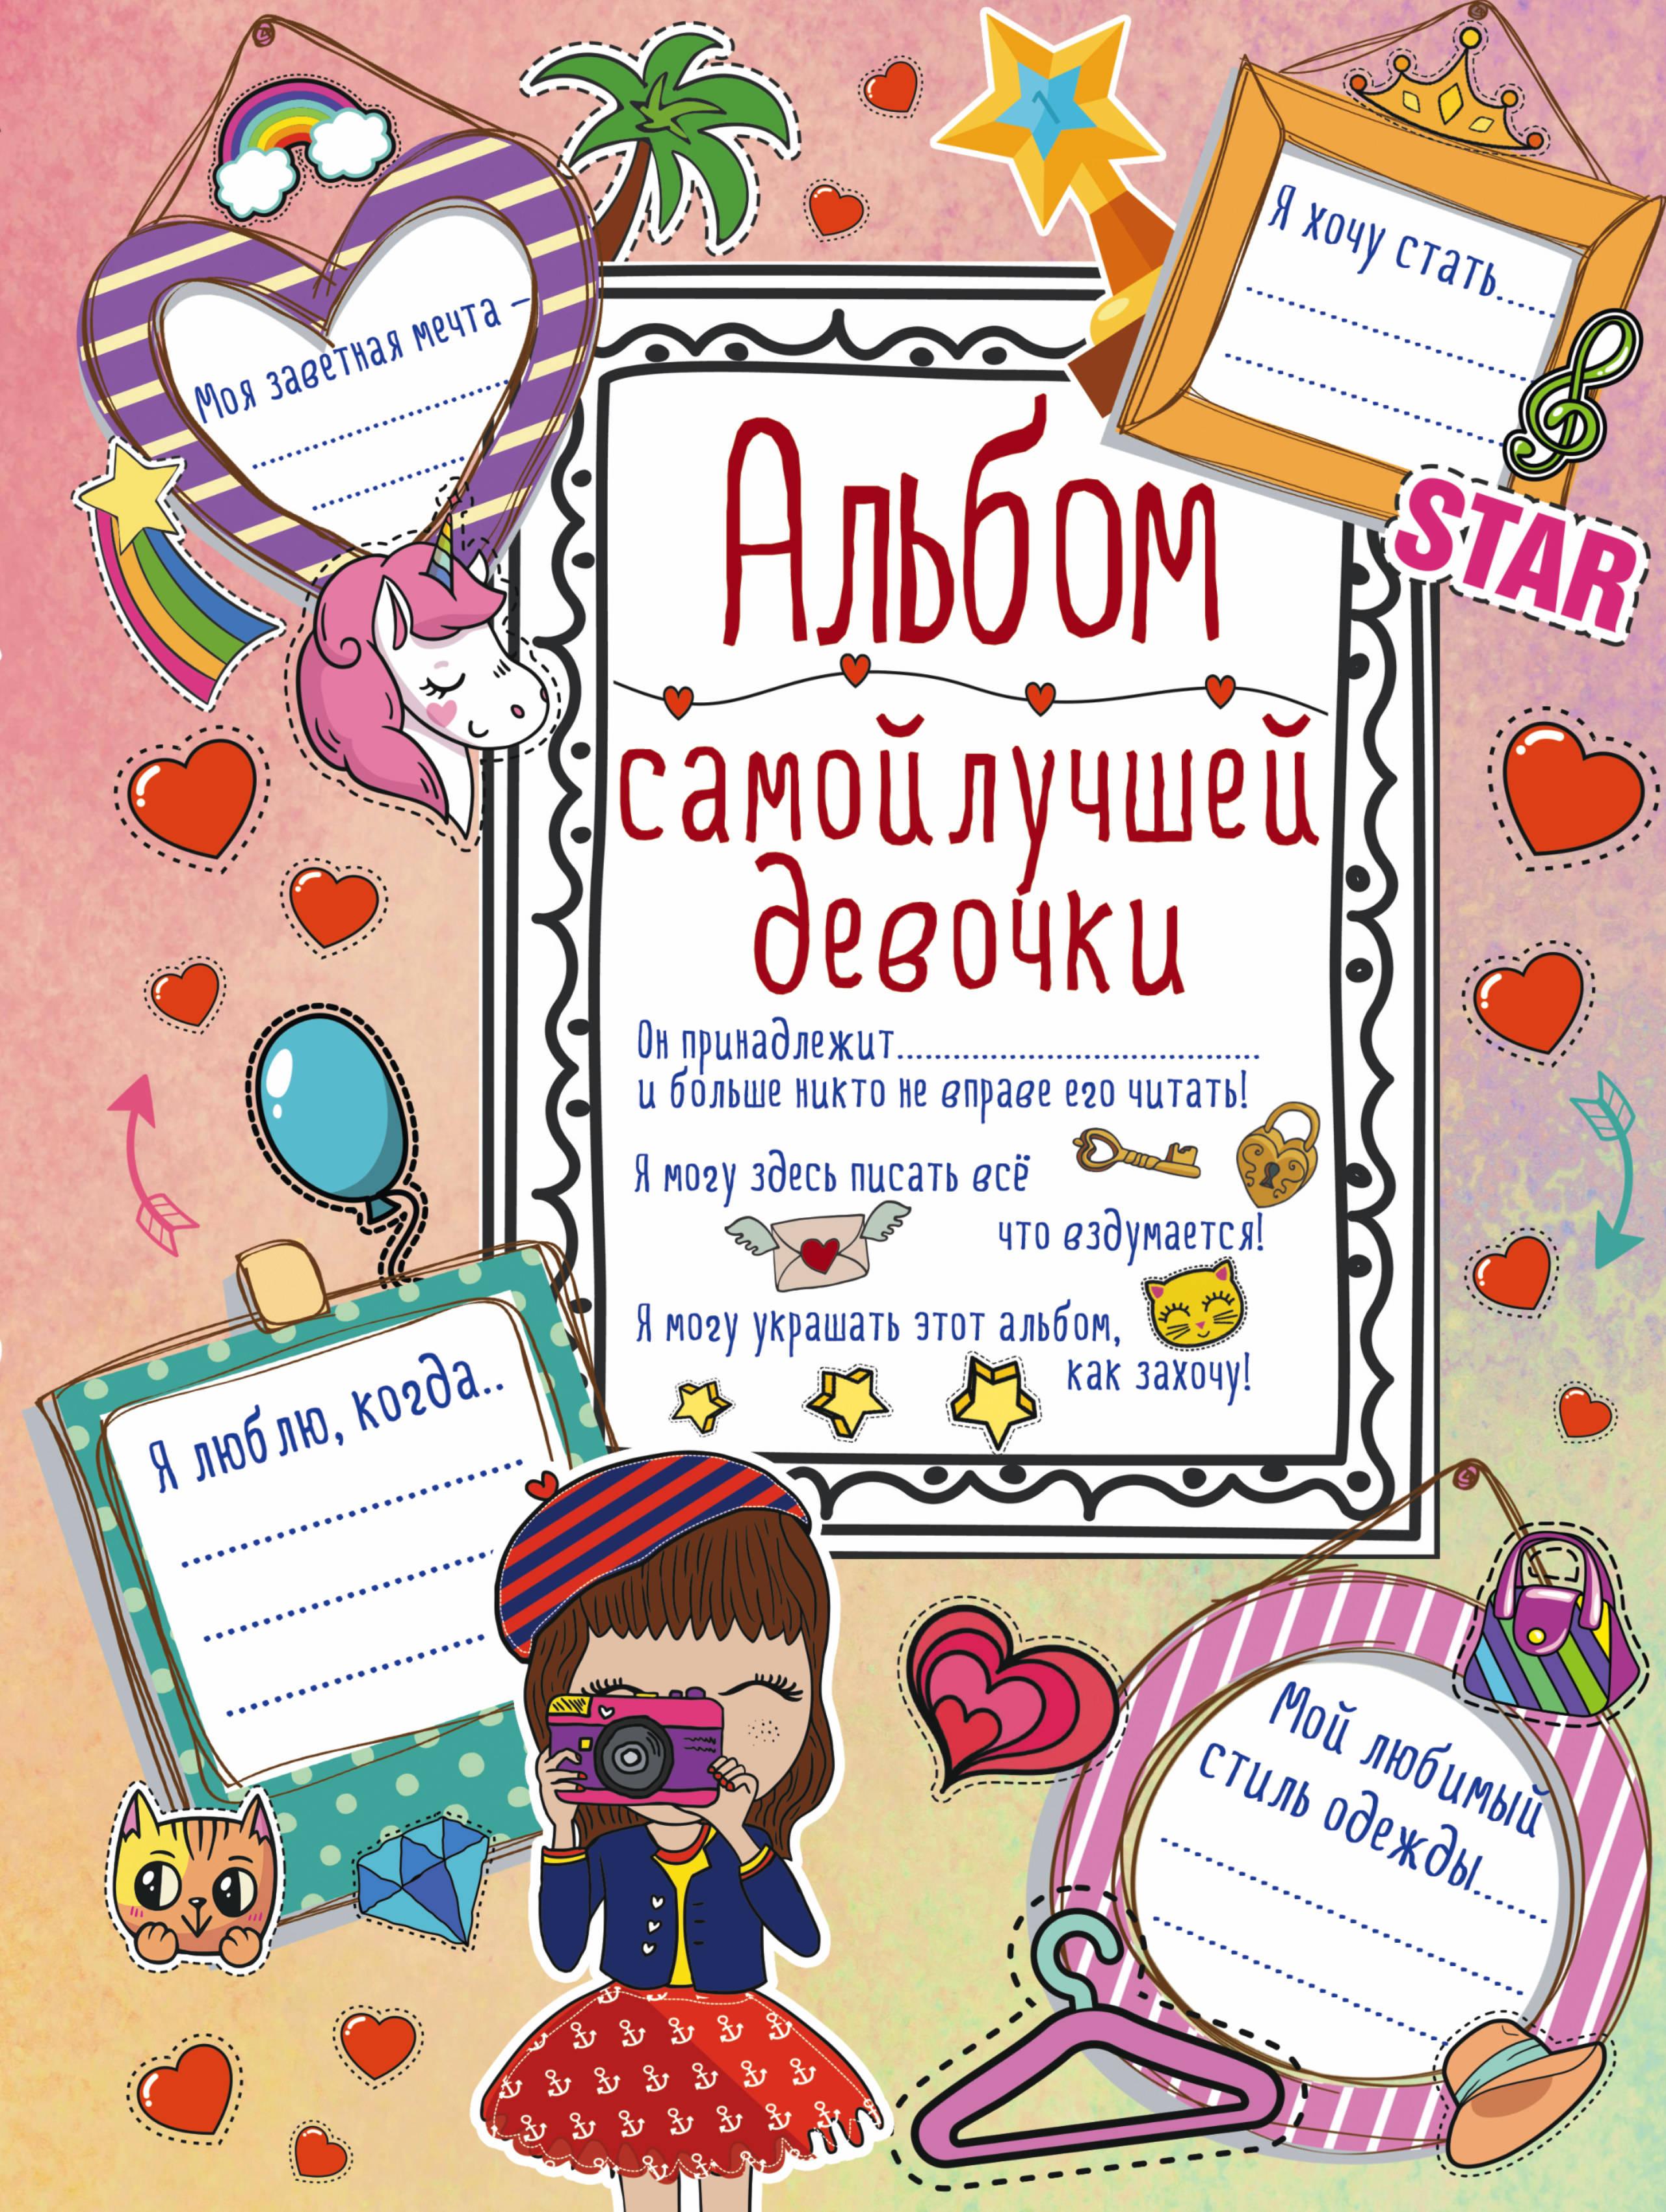 Третьякова А.И., Шабан Т.С. Альбом самой лучшей девочки на свете